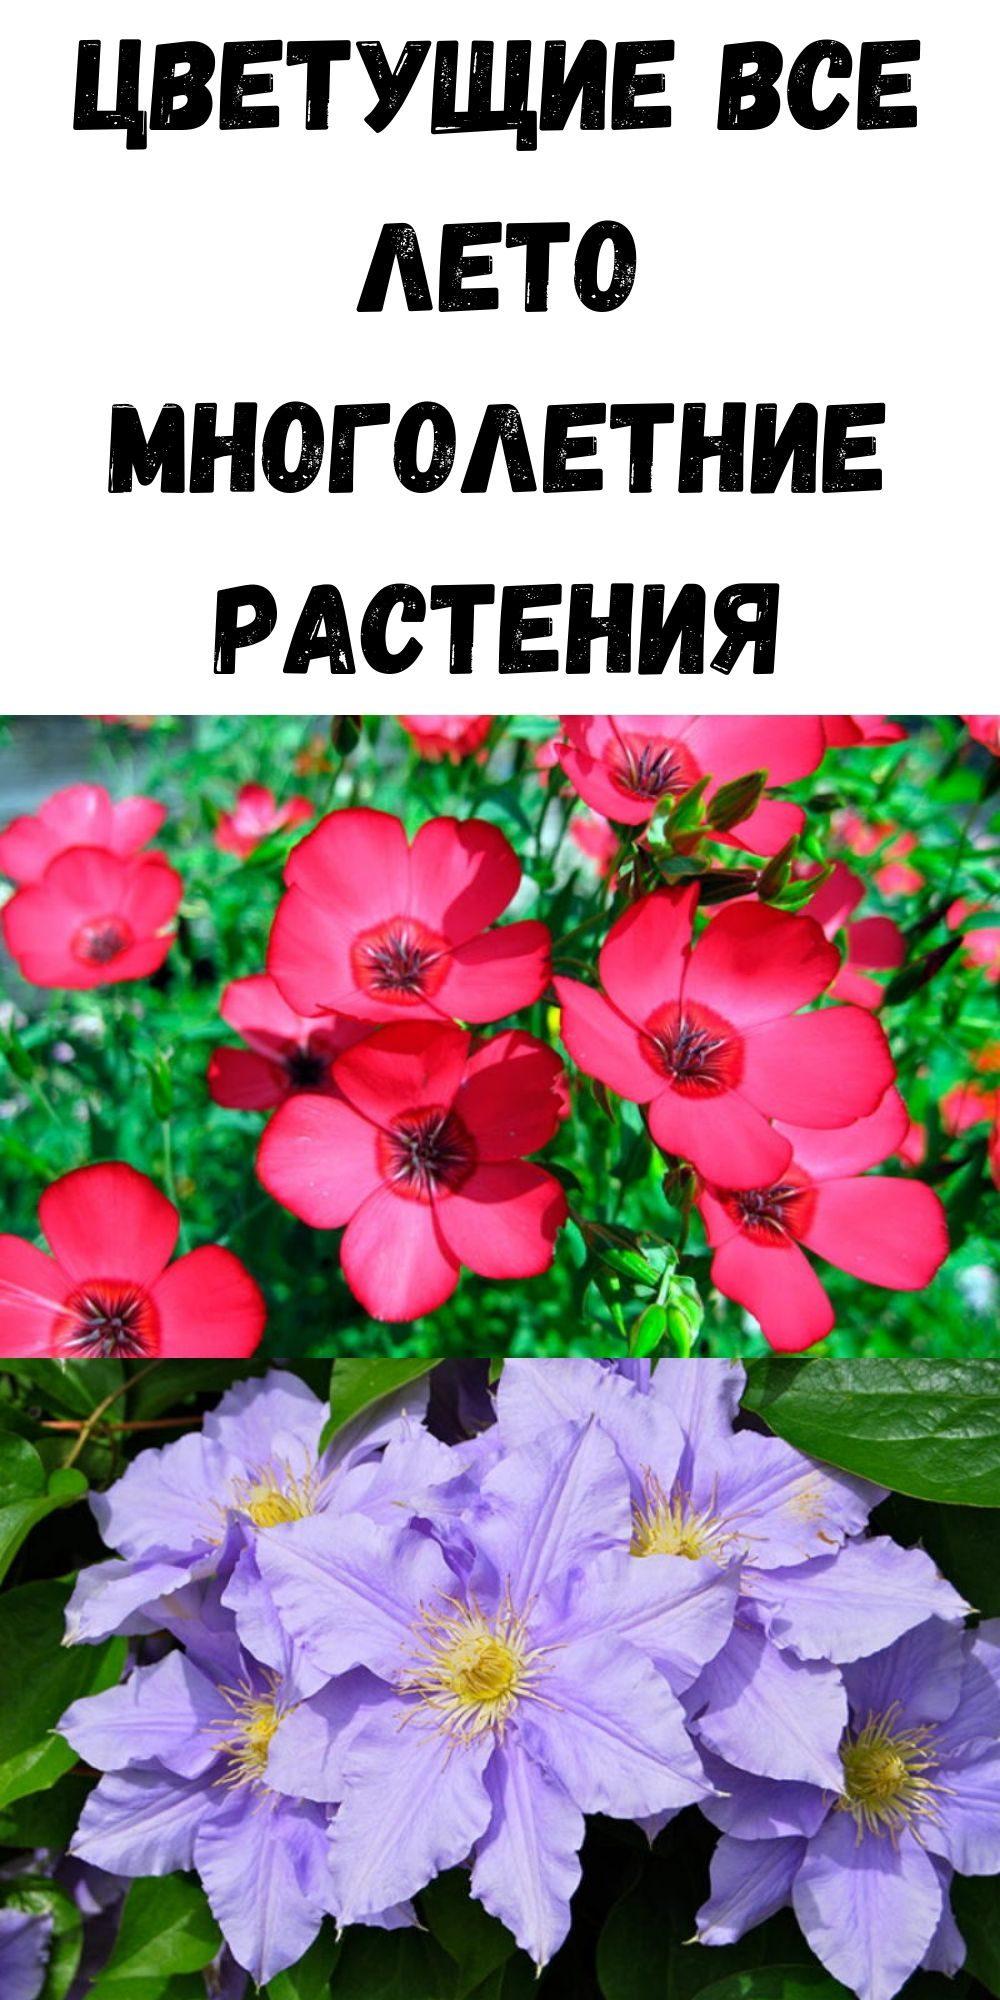 tsvetuschie-vse-leto-mnogoletnie-rasteniya-2